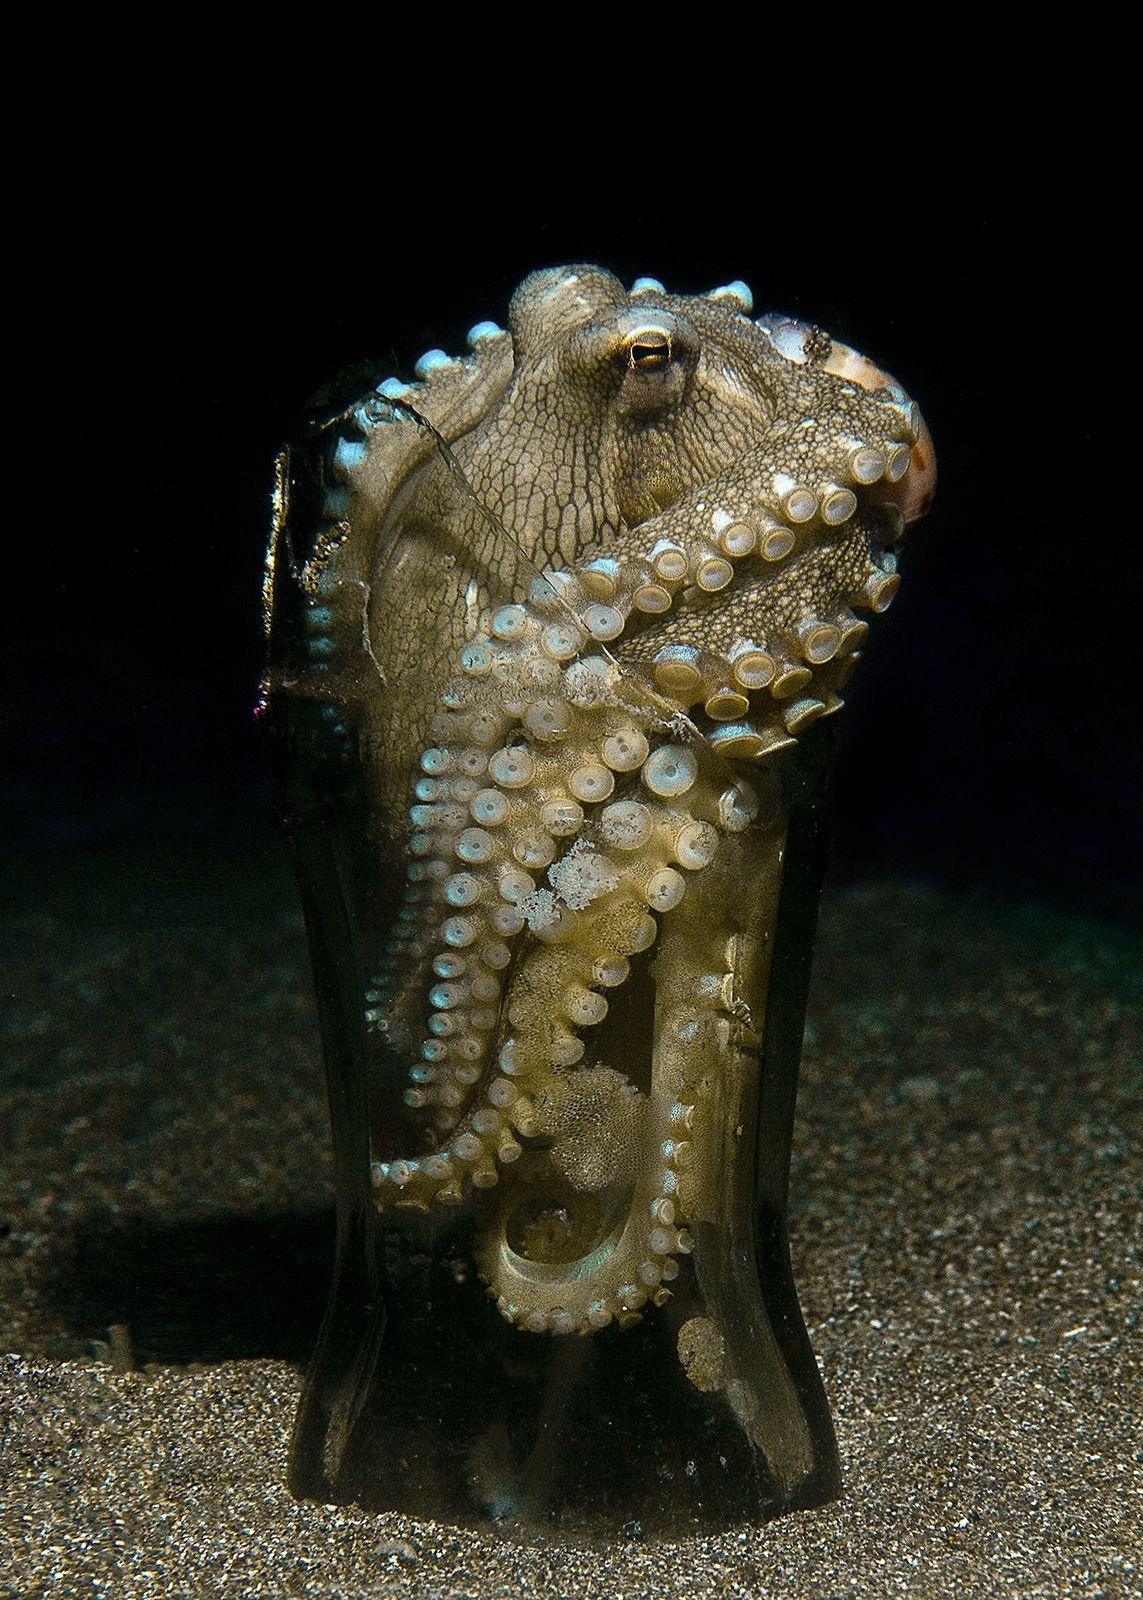 Amphioctopus marginatus (Octopus) was found at the Anilao